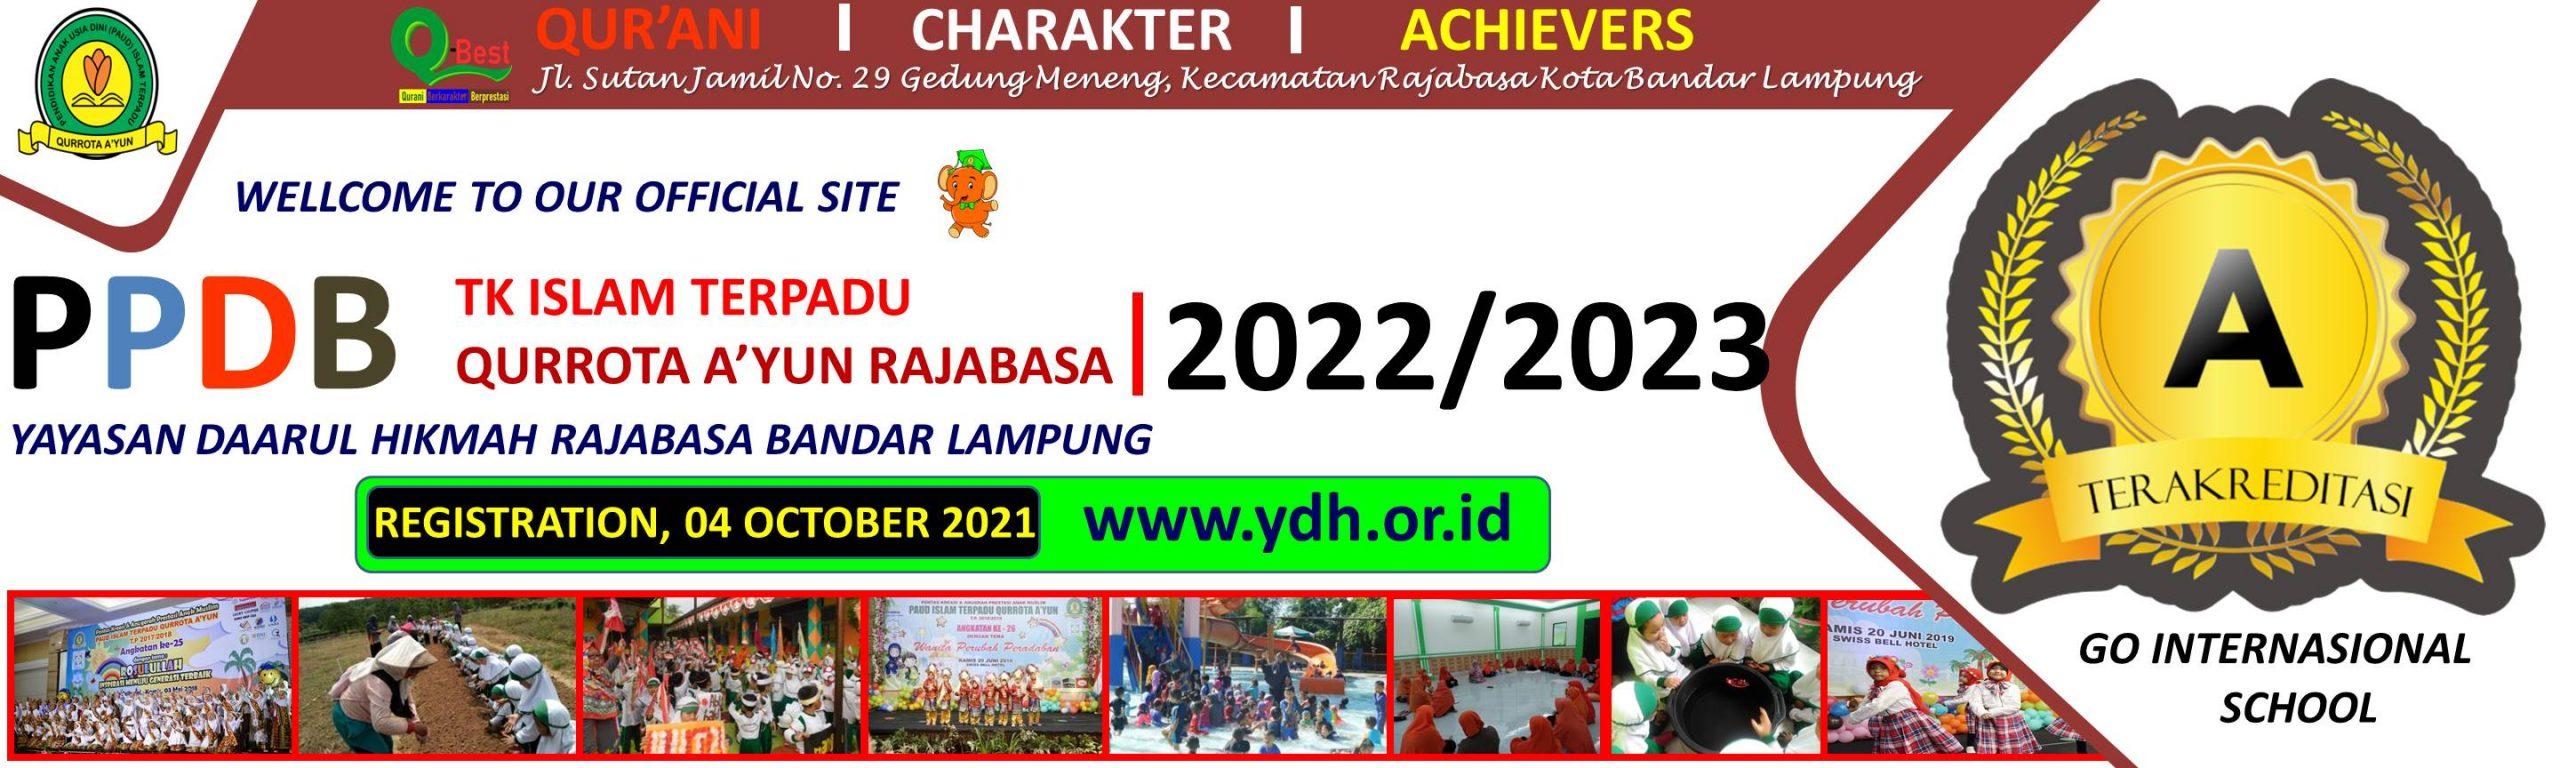 PPDB PAUDIT Qurrota Ayun Bandar Lampung